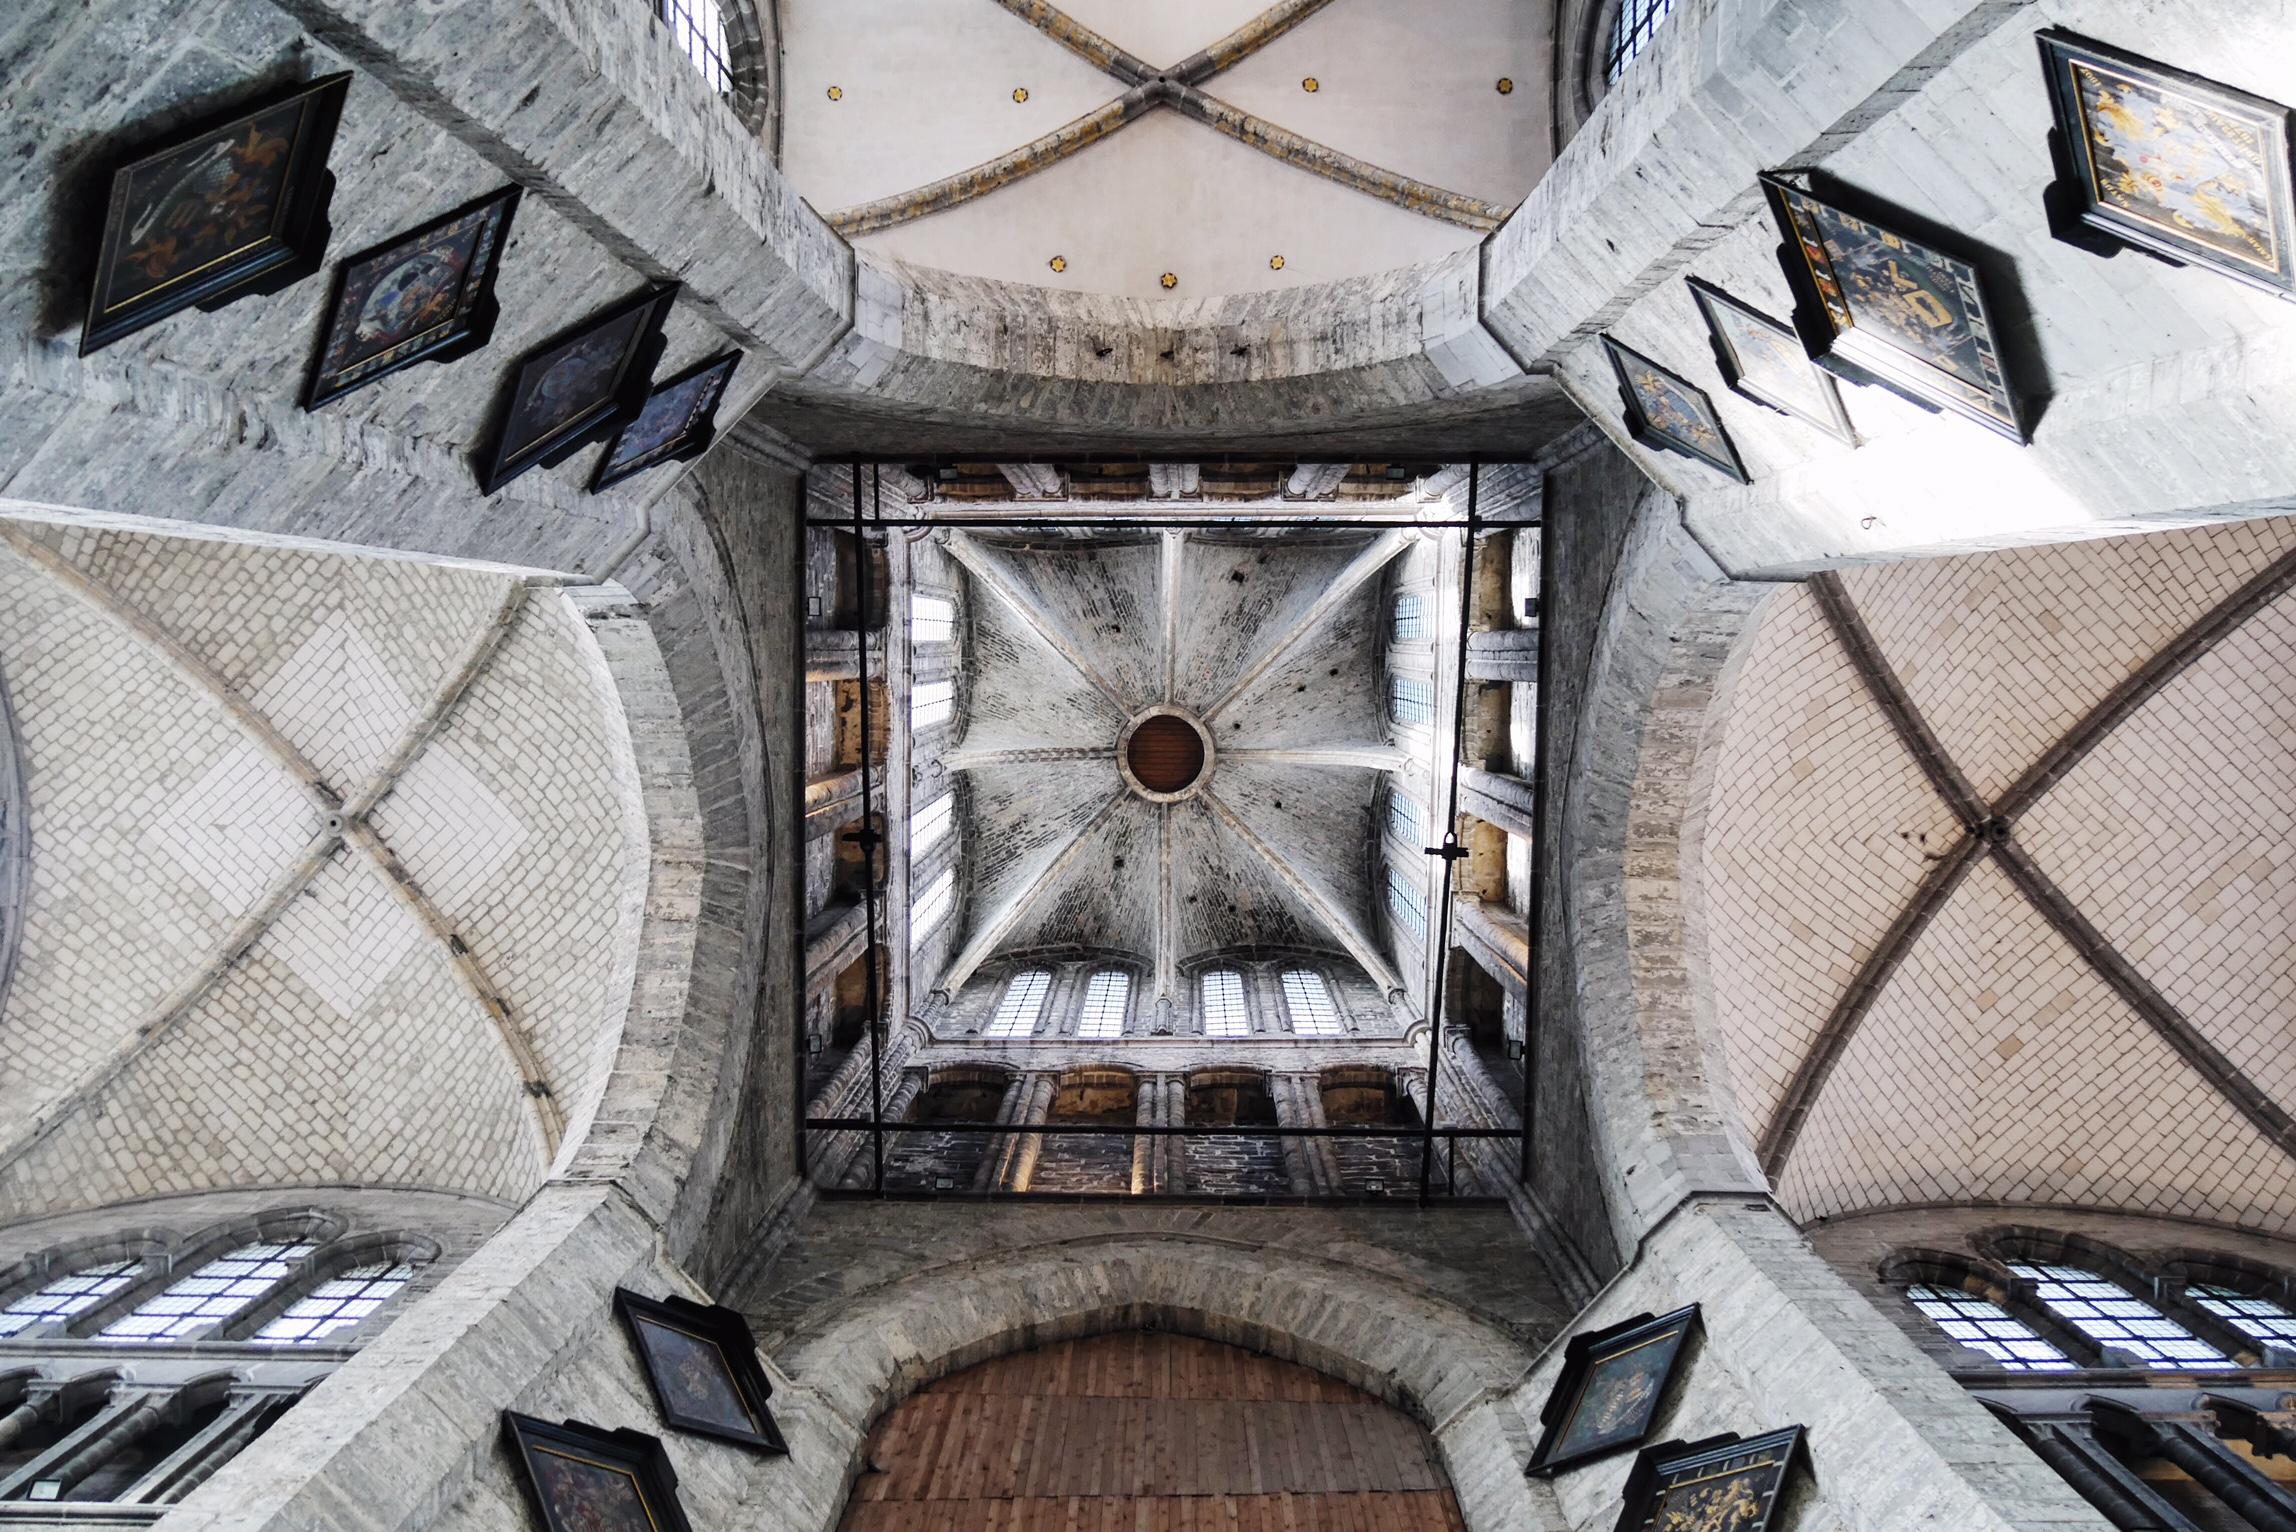 voutes-de-l-eglise-saint-nicolas-gand-sint-niklaaskerk-gent-photo-usofparis-blog